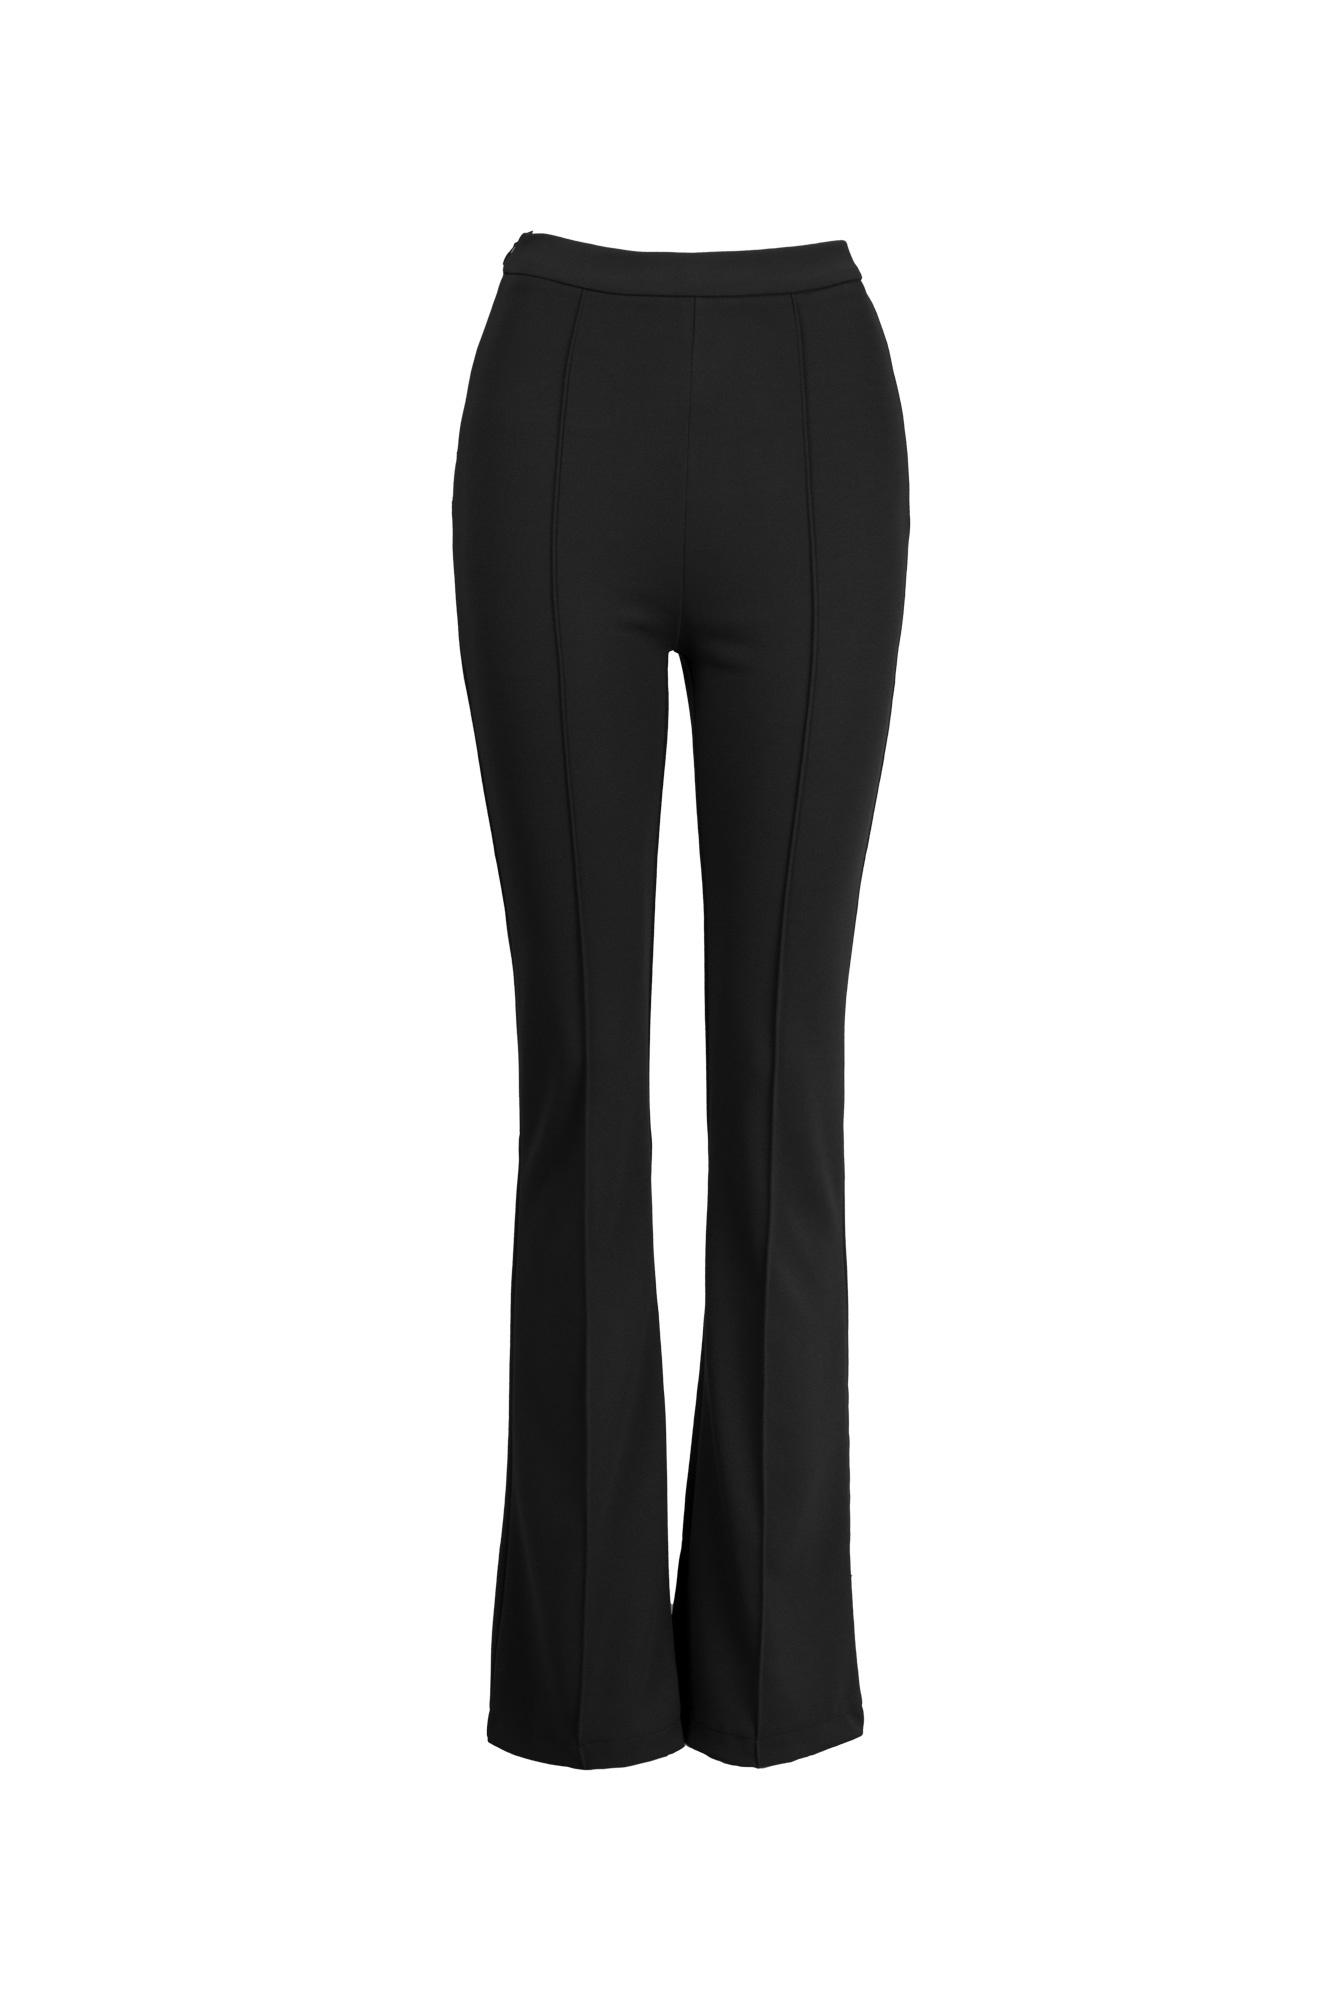 Flare broek Everly zwart